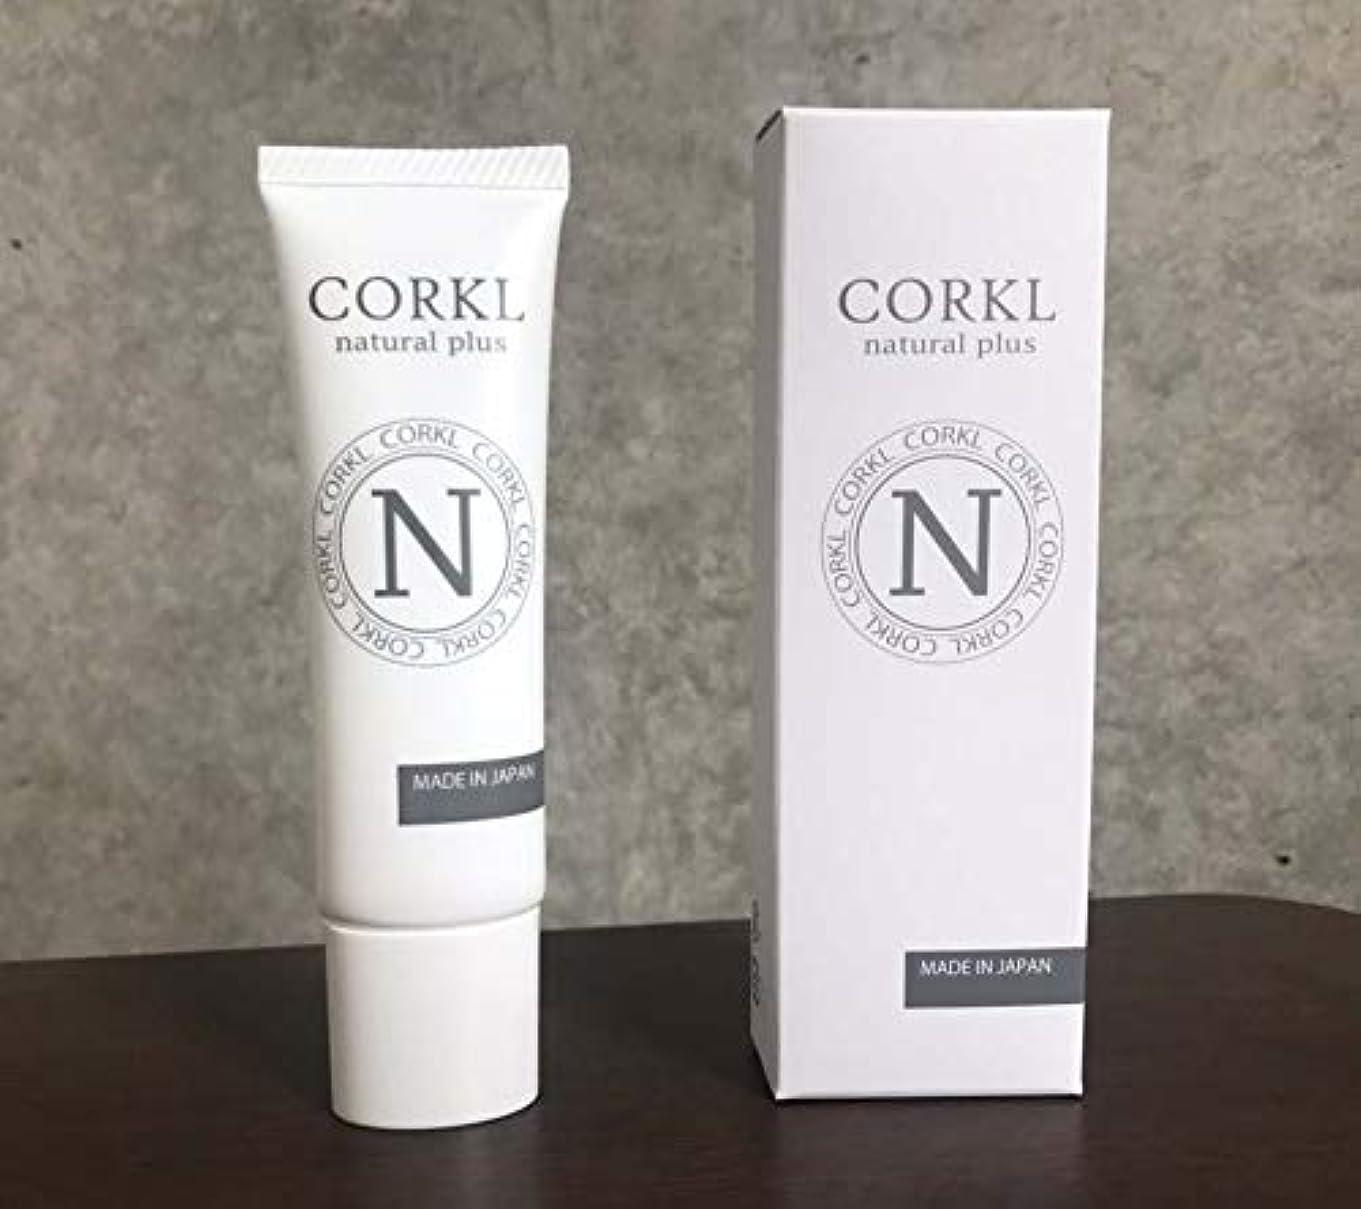 効能扇動する鎮痛剤コルクルナチュルクリーム(CORKL)手汗?顔汗に悩む方向けに開発された国産化粧品